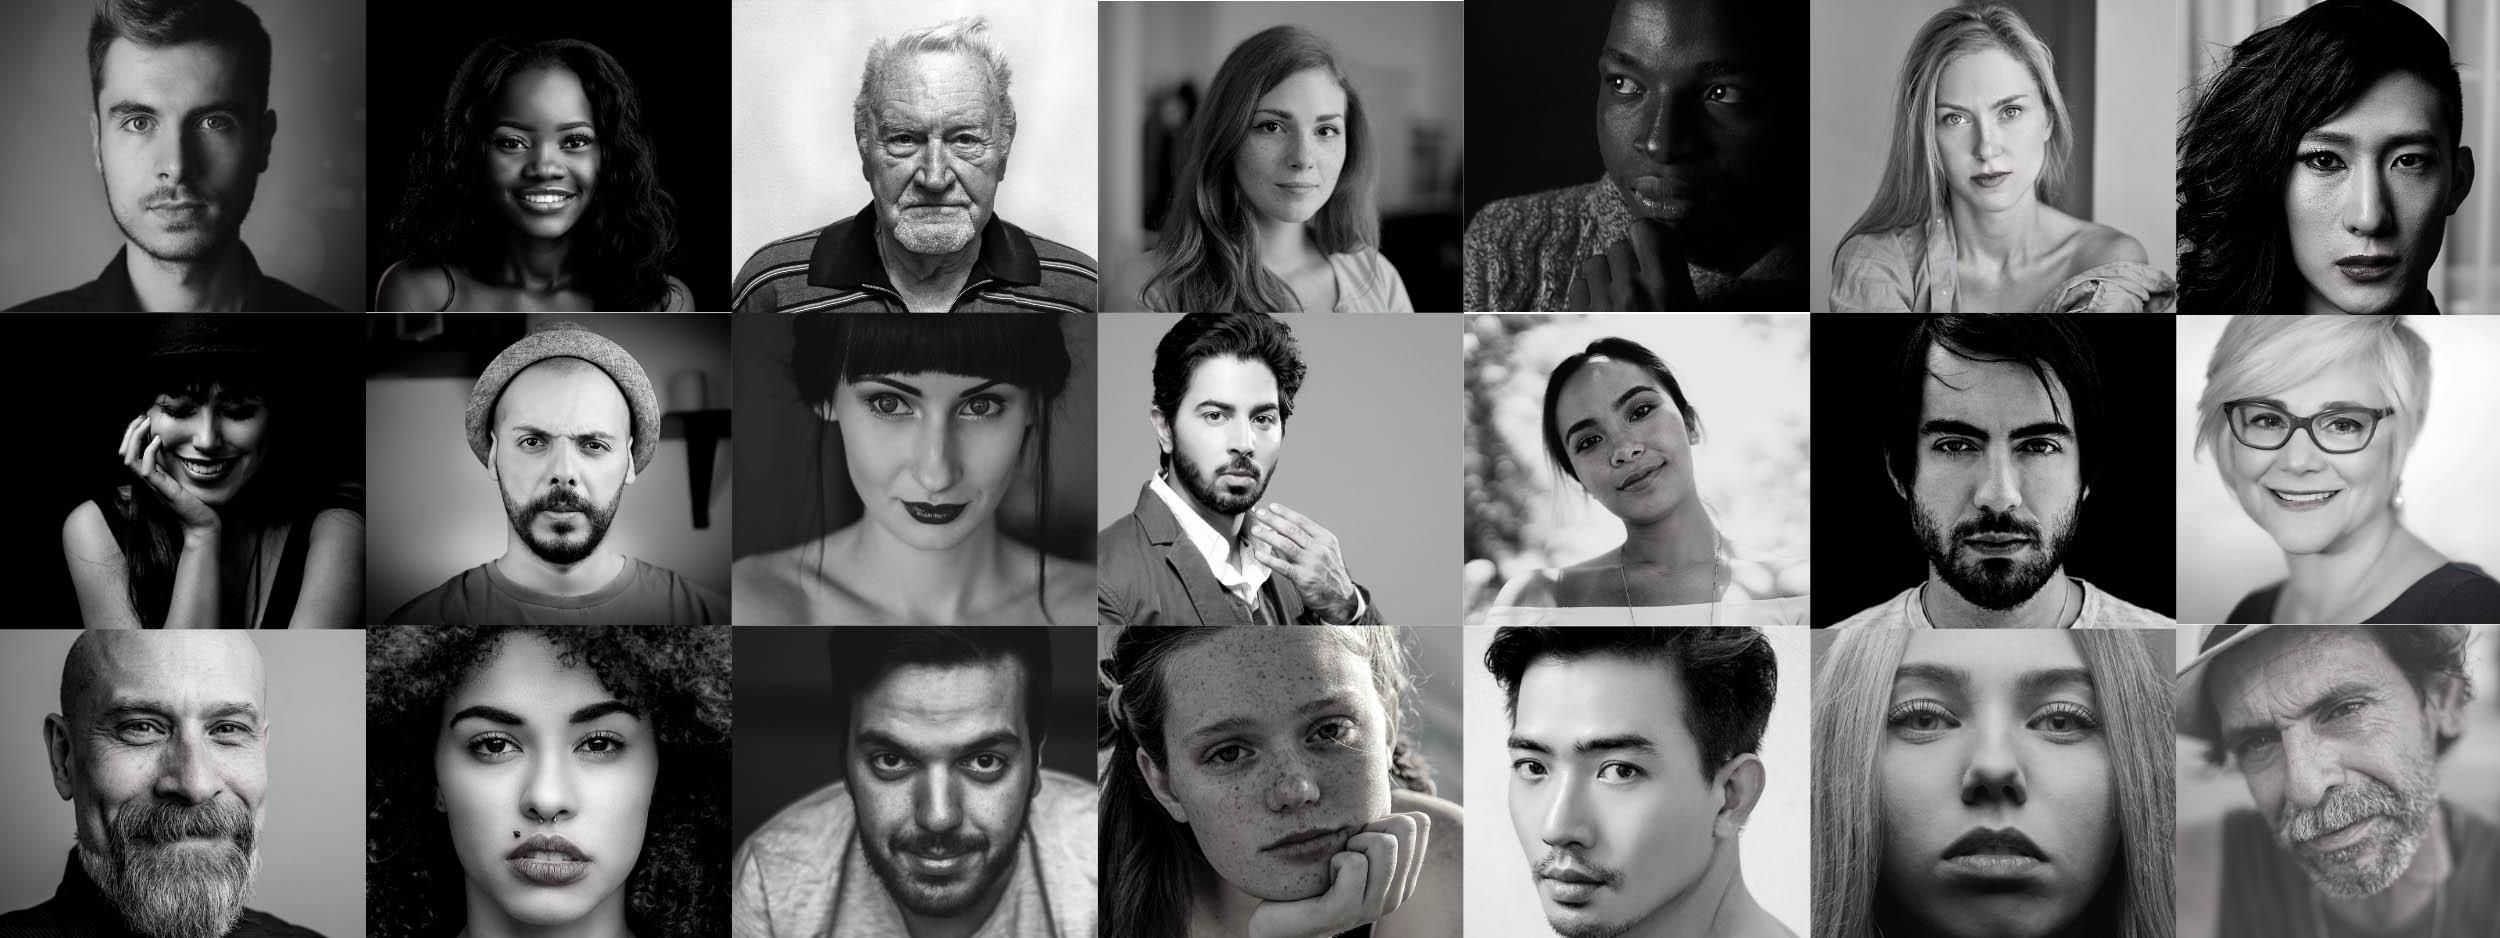 Spain Film Studios Casting